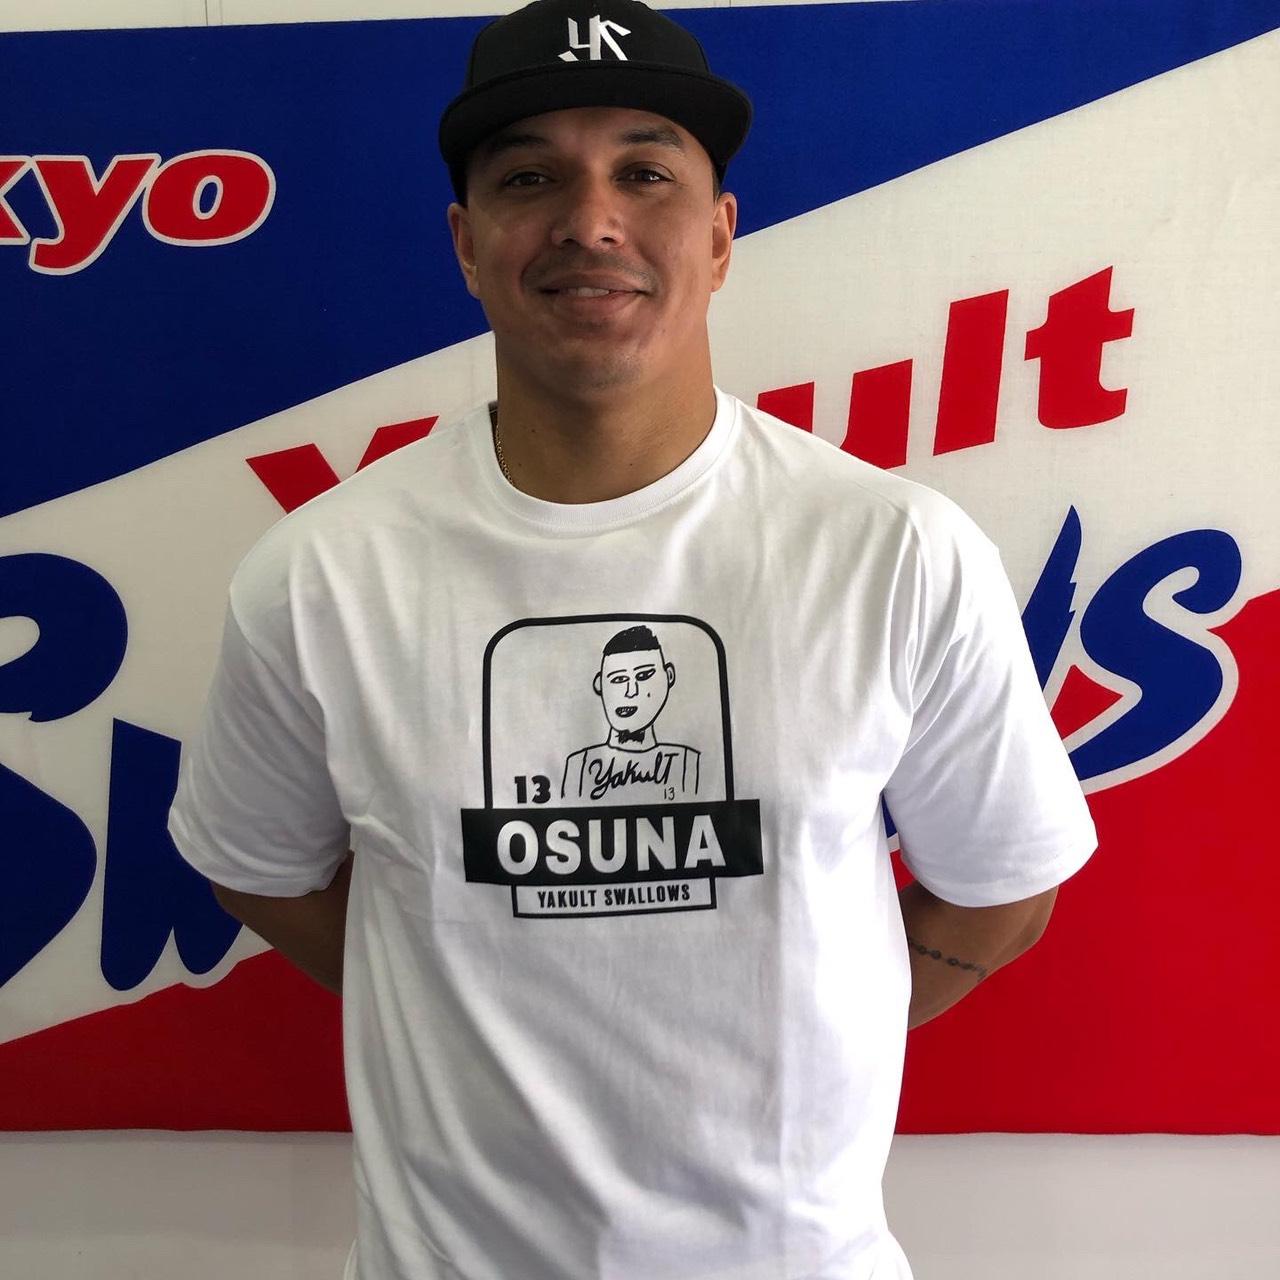 オスナ選手自画像プリントTシャツ